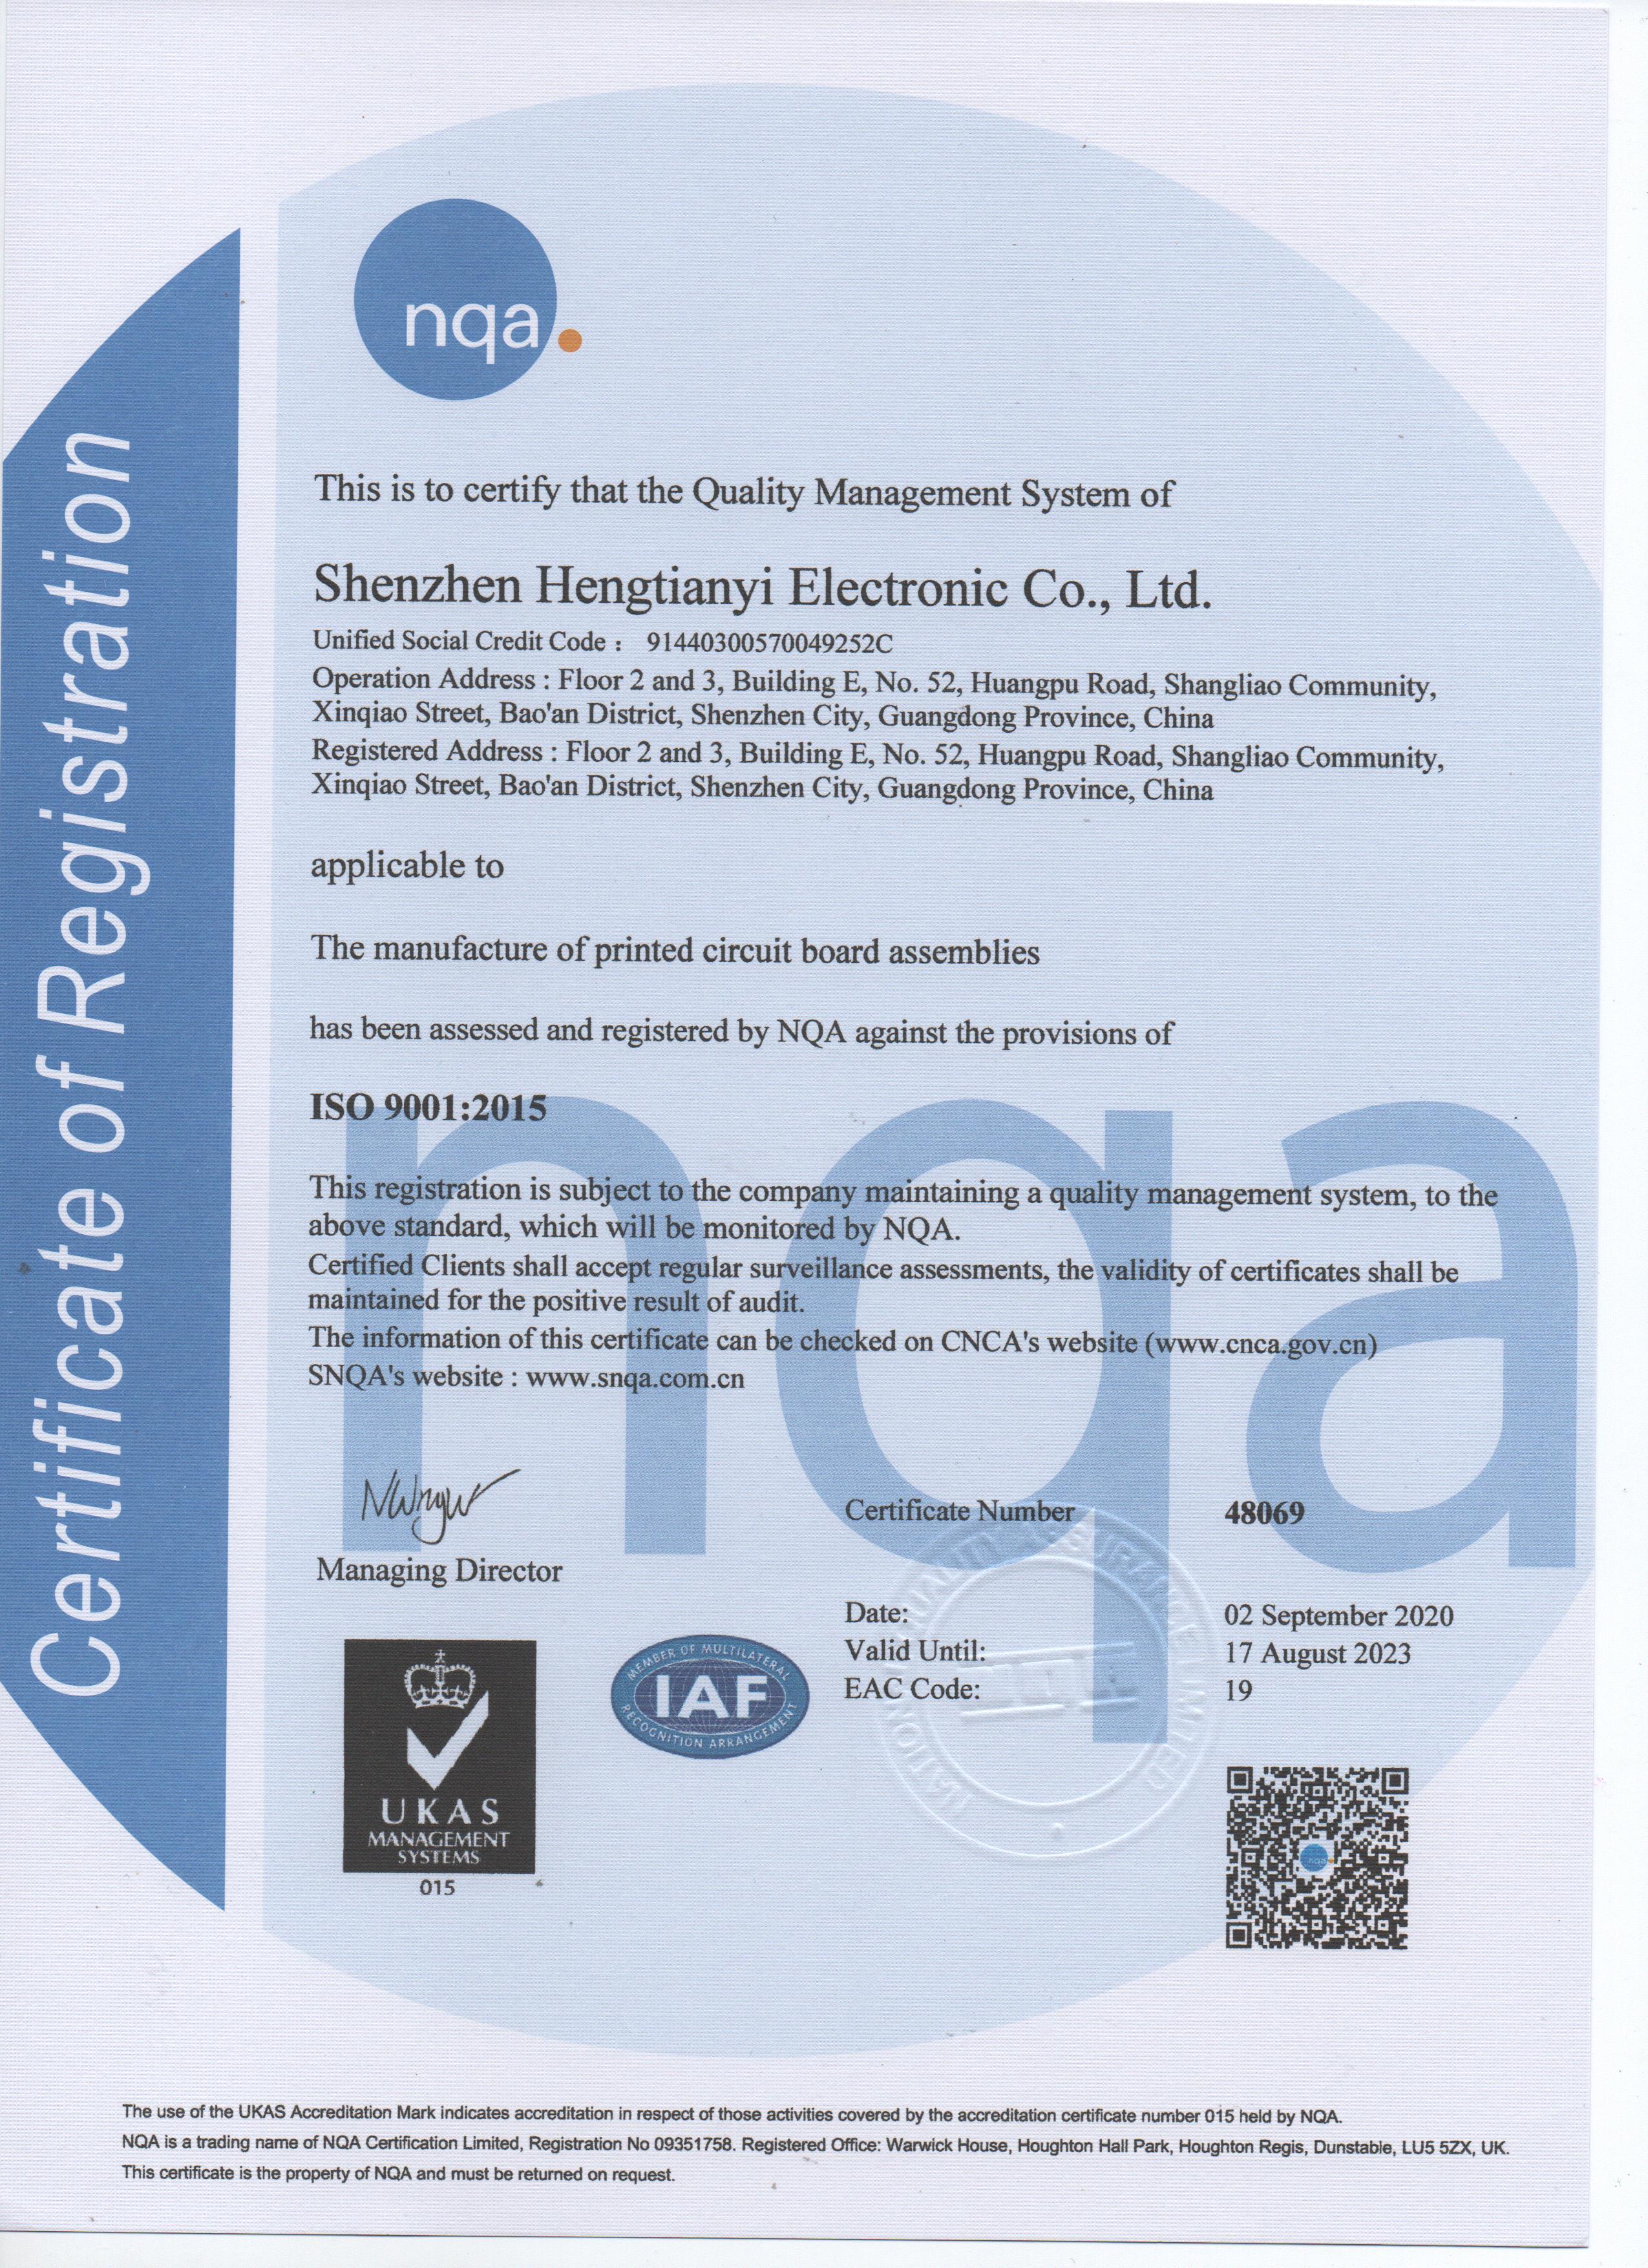 喜訊!祝賀我公司順利通過ISO9001質量管理等多項體系認證并取得證書!(圖2)